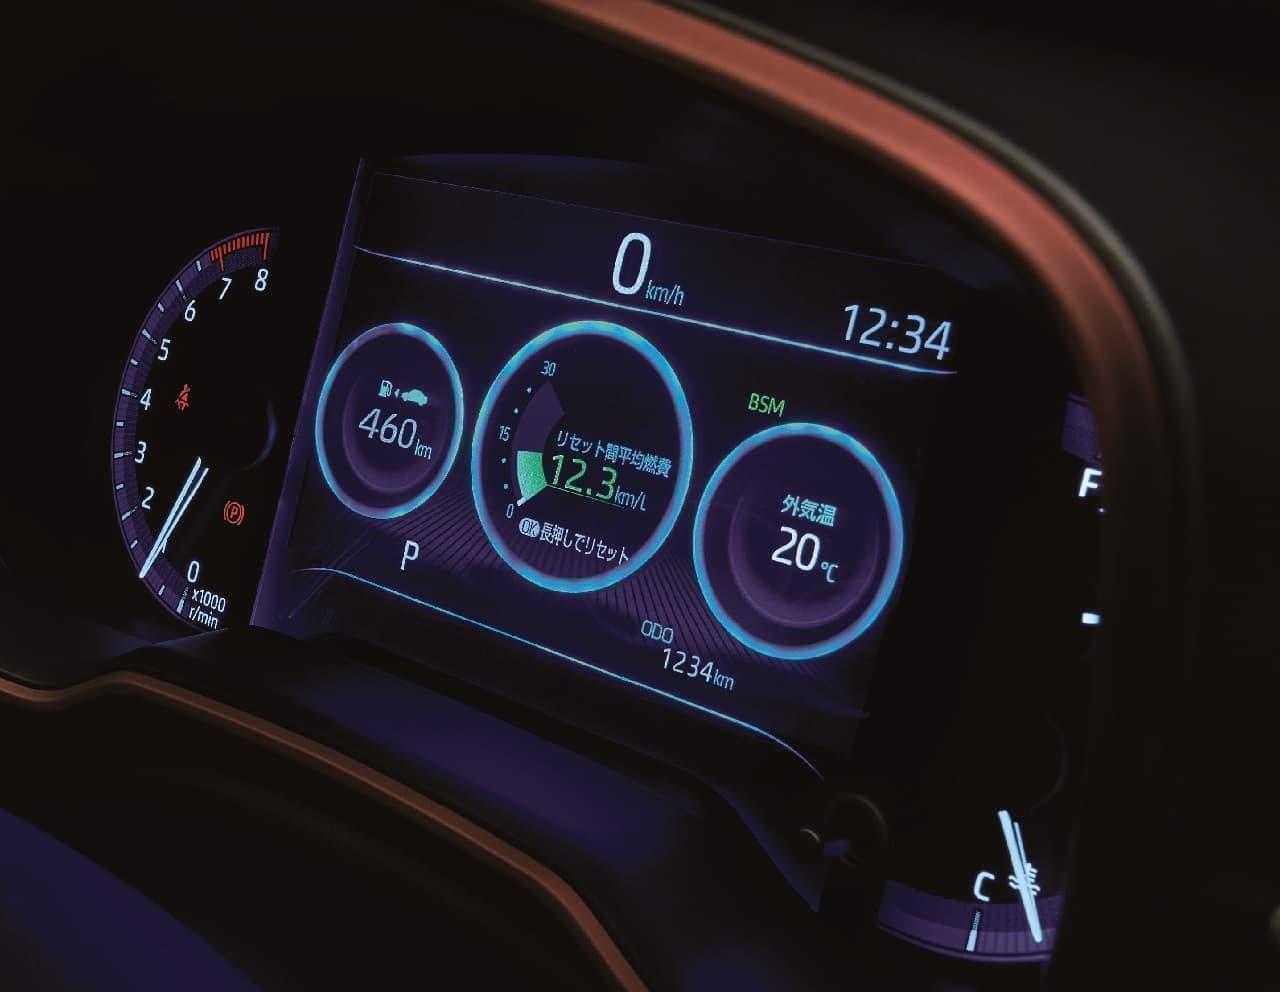 """トヨタ「カローラ ツーリング」に特別仕様車""""2000 Limited"""" - 2.0Lダイナミックフォースエンジン搭載"""